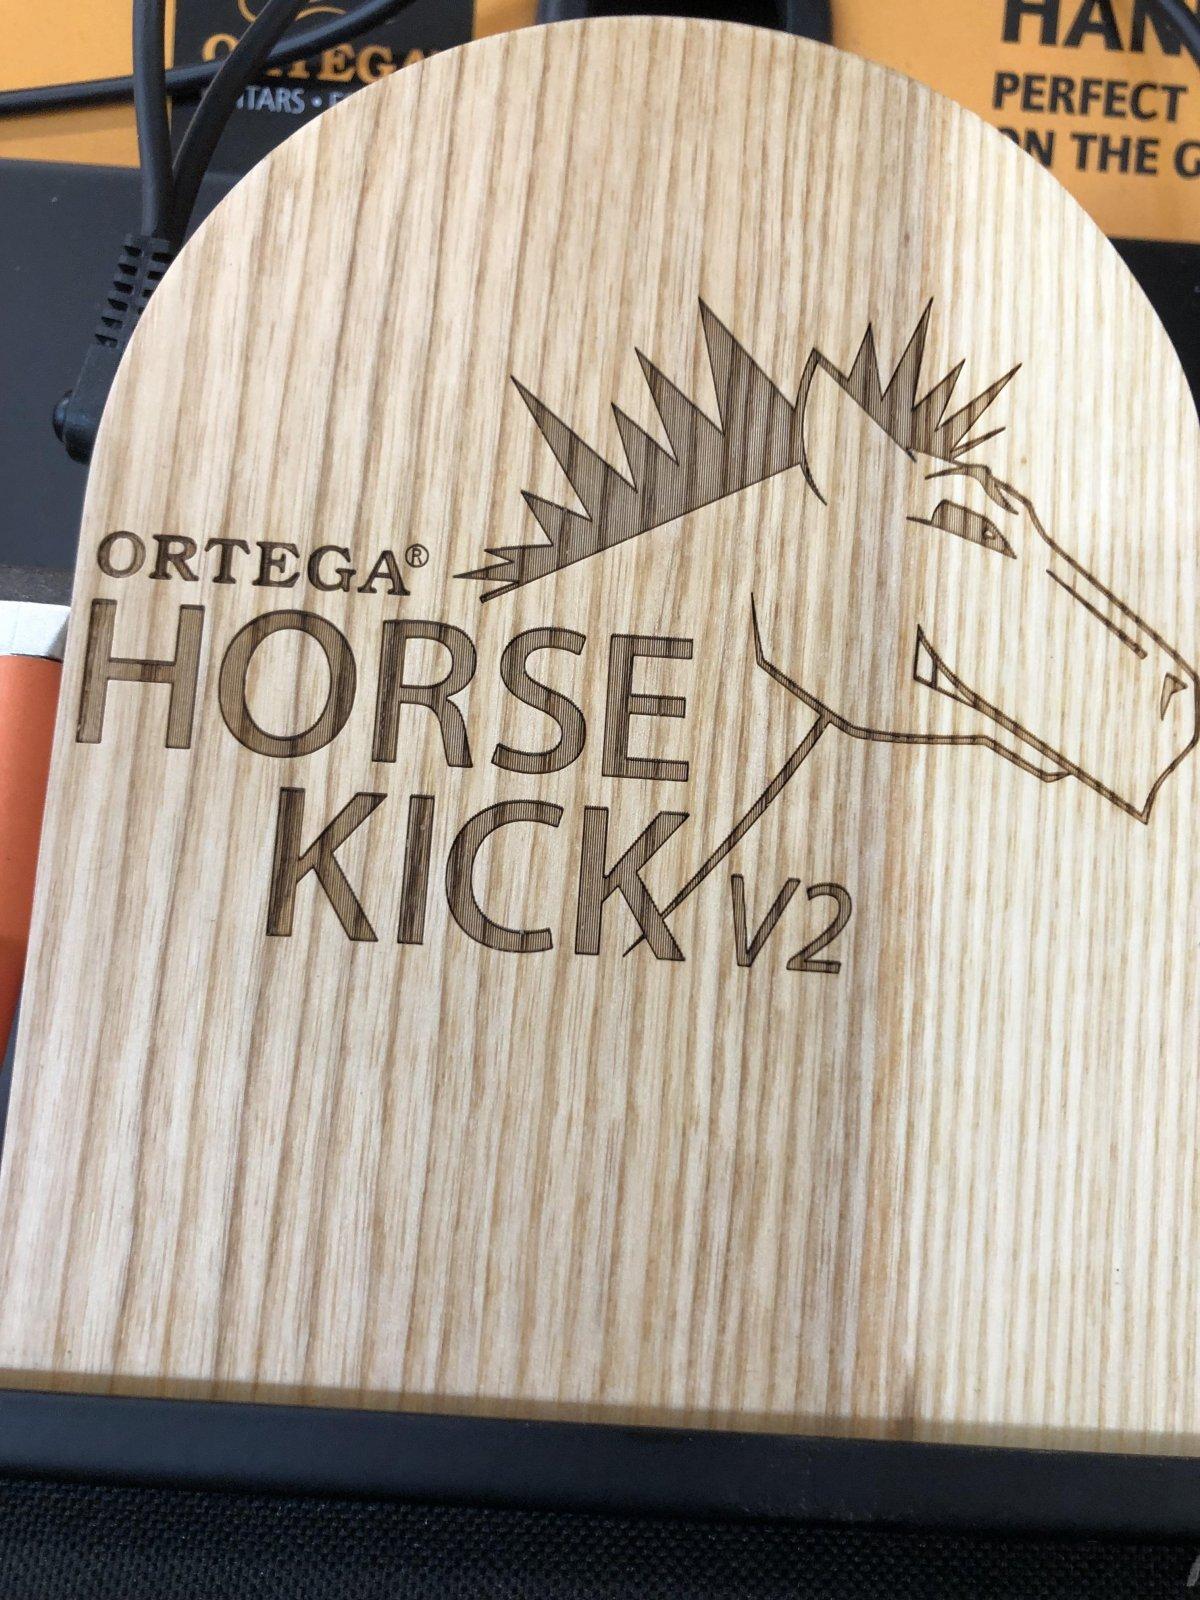 Horse Kick V2